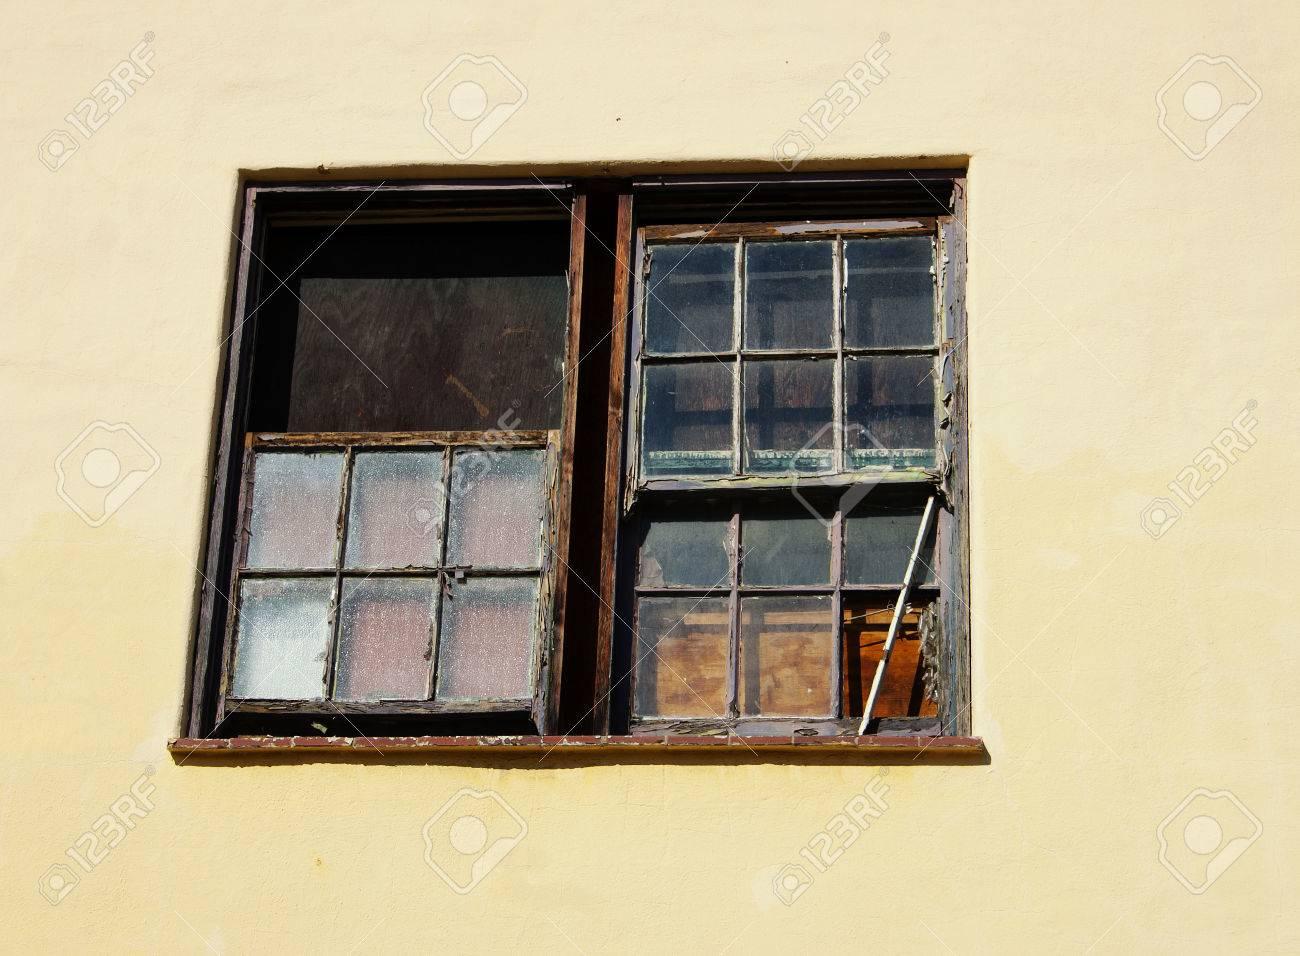 Abondon La Construction De Fenêtres Panneaux Derrière Le Mur De La Couleur De La Lumière De Verre La Peinture écaillée